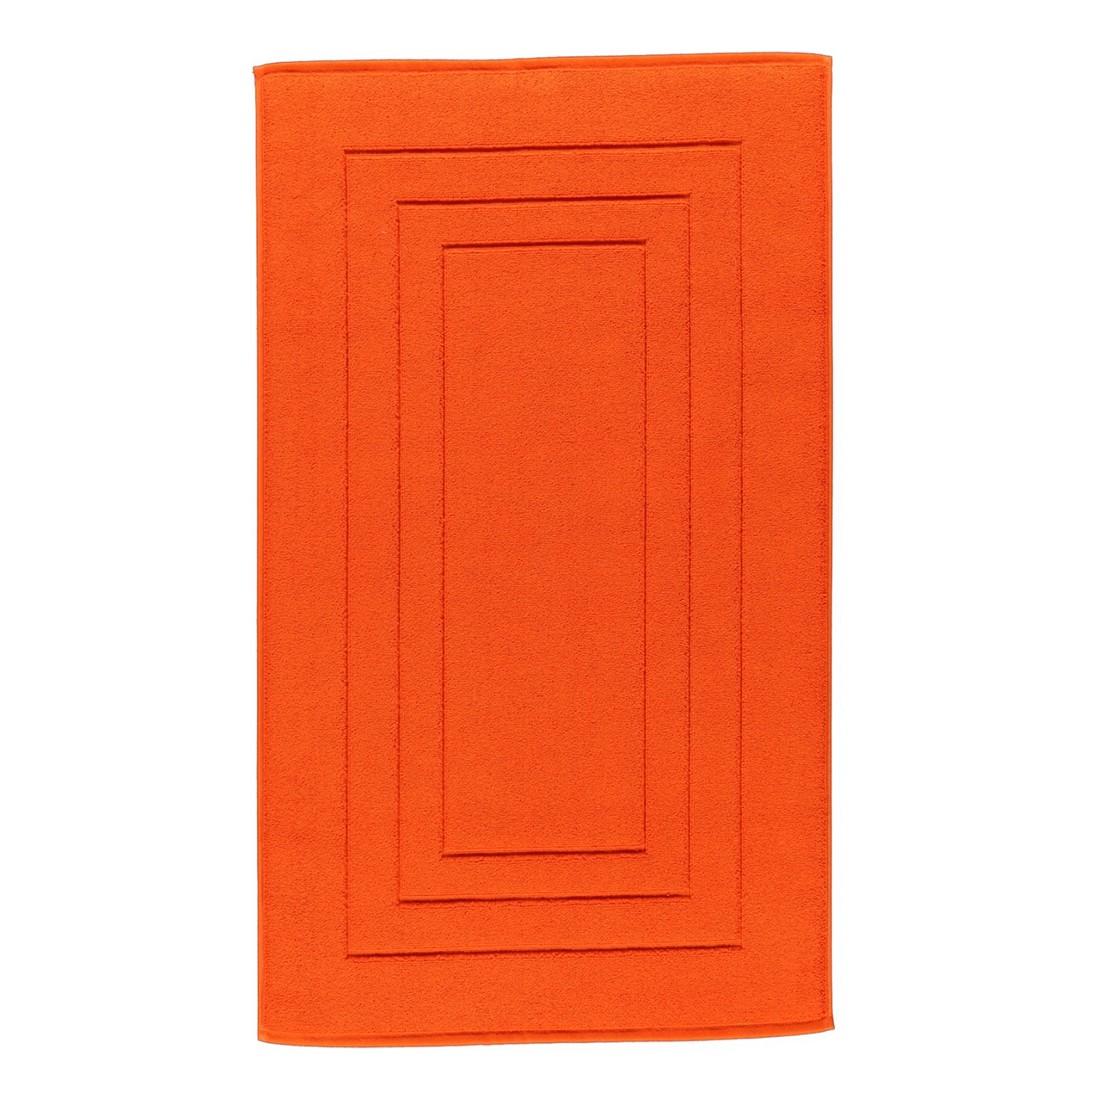 Badteppich Calypso Feeling – 100% Baumwolle mandarine – 352 – Toilettenvorlage: 59 x 59 cm, Vossen günstig kaufen